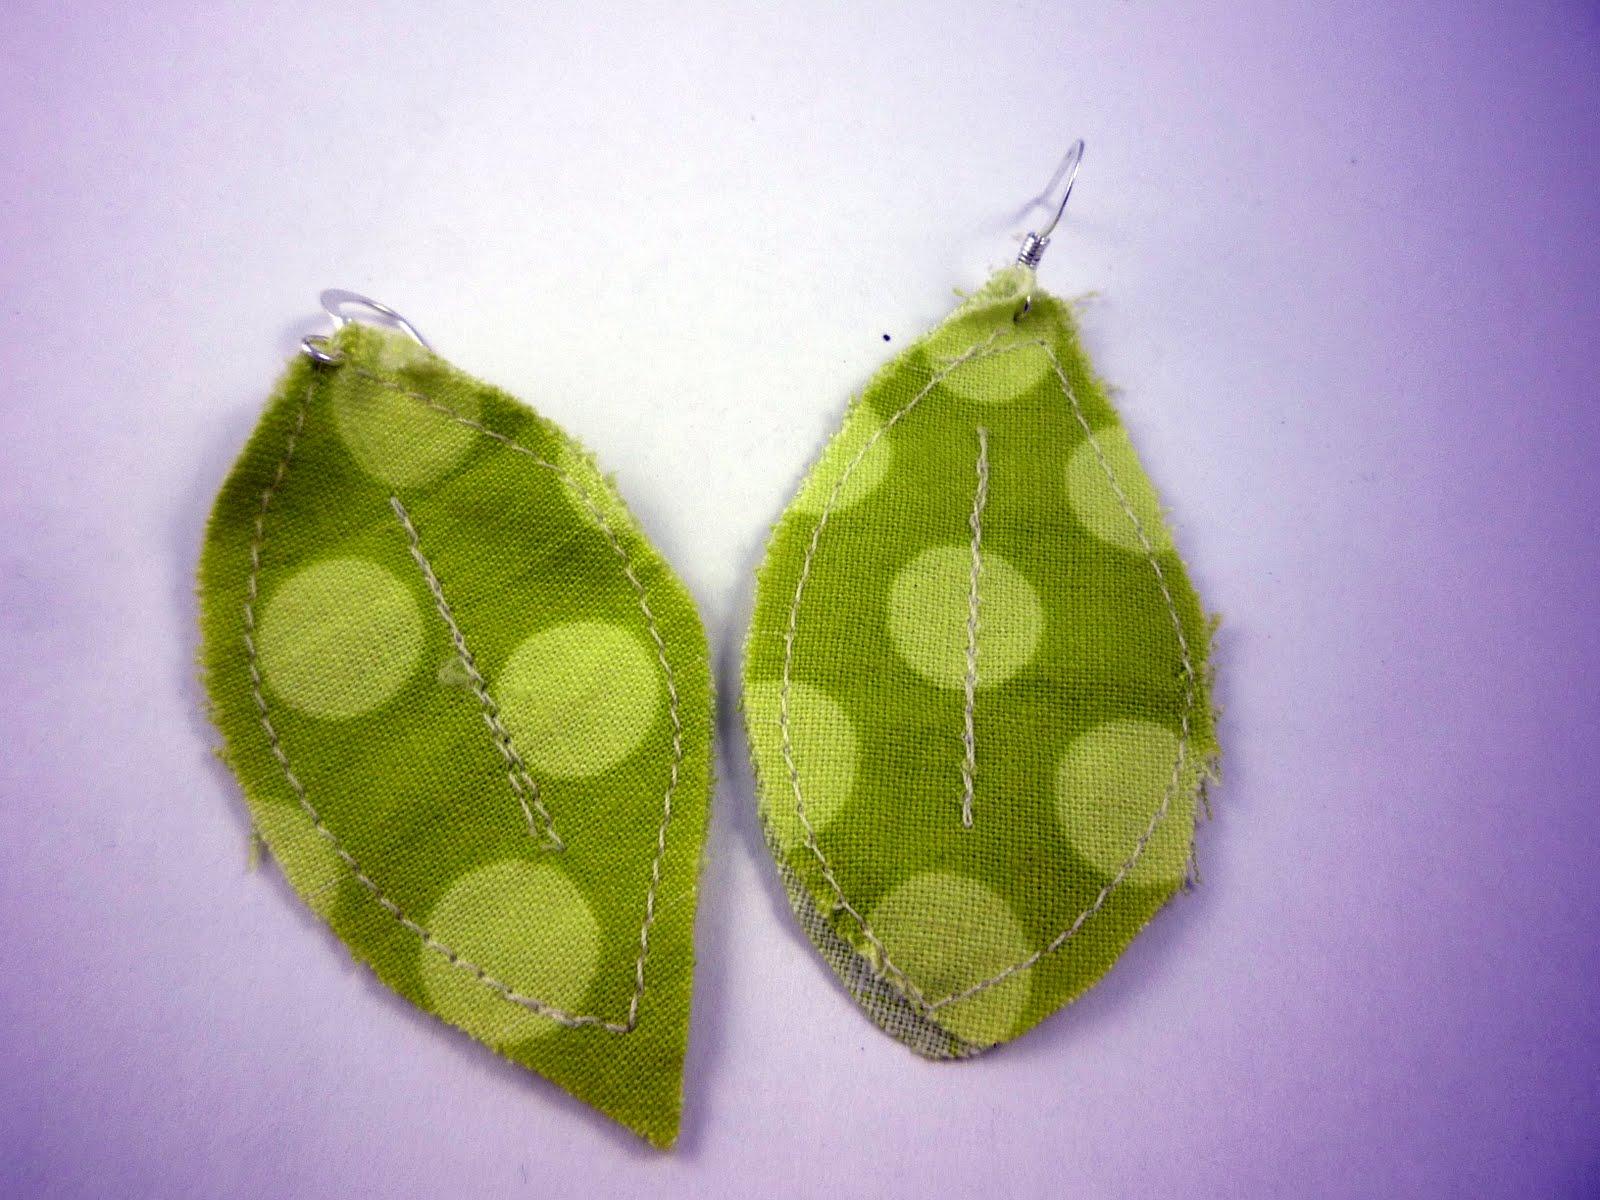 别致的织物叶耳环|聪明的缝纫工程到upcycle织物废料